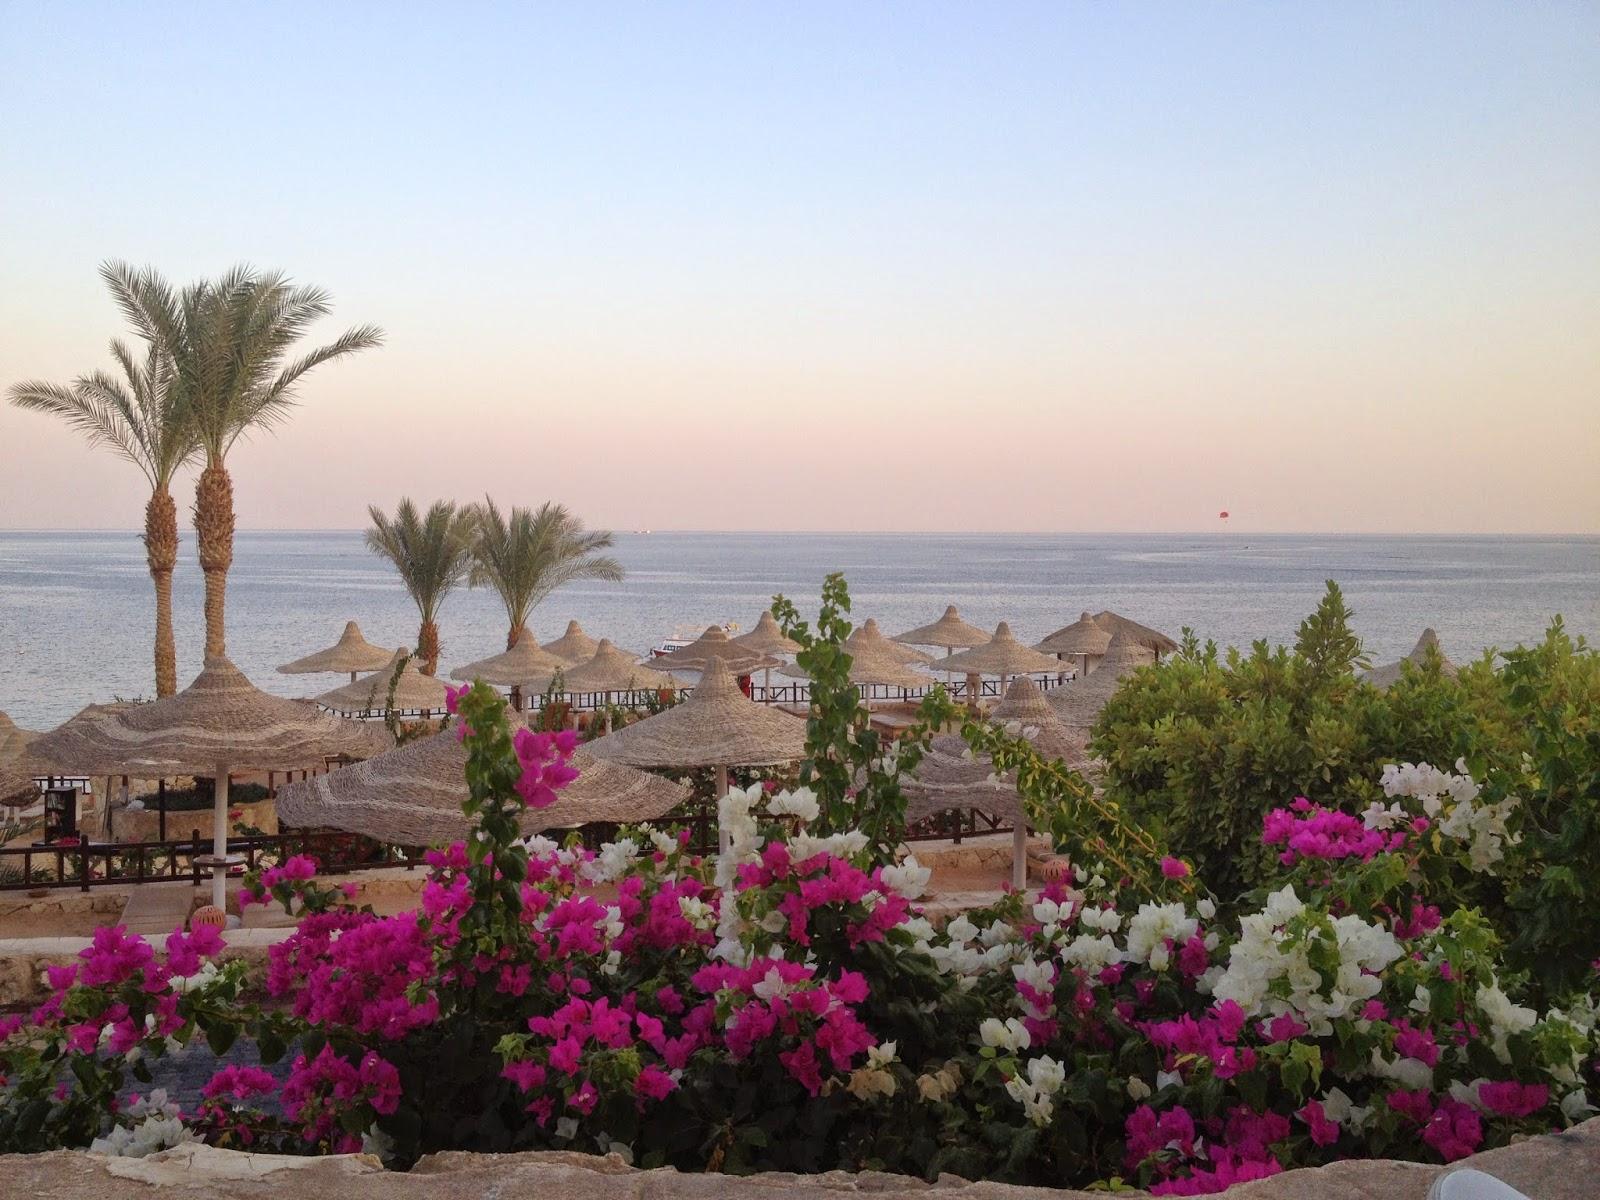 обычно красивые фотообои египет шарм эль шейх что